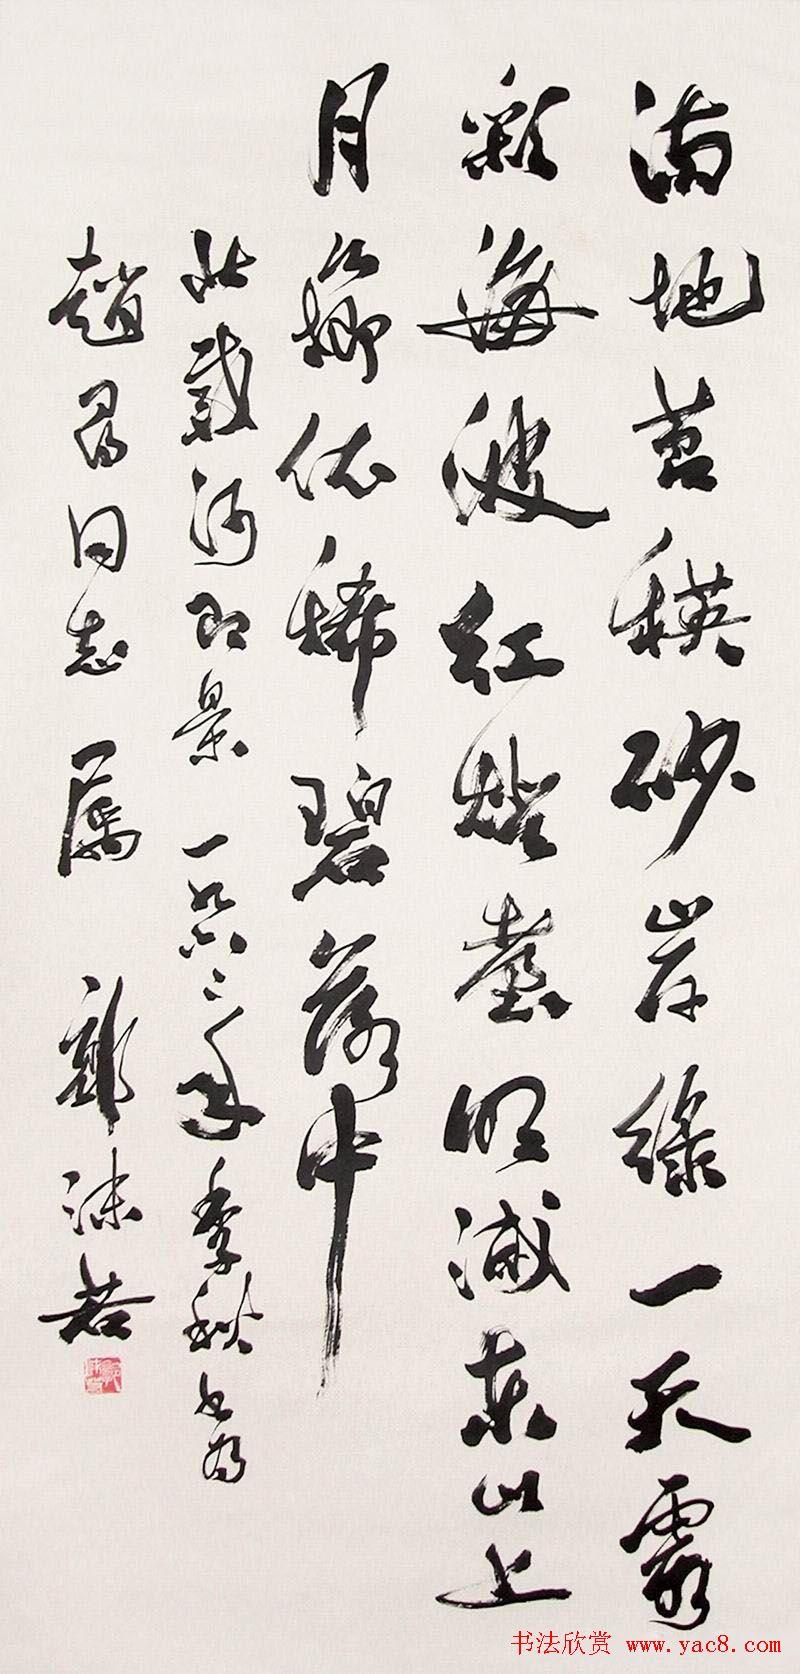 郭沫若书法作品网络大展(32)图片